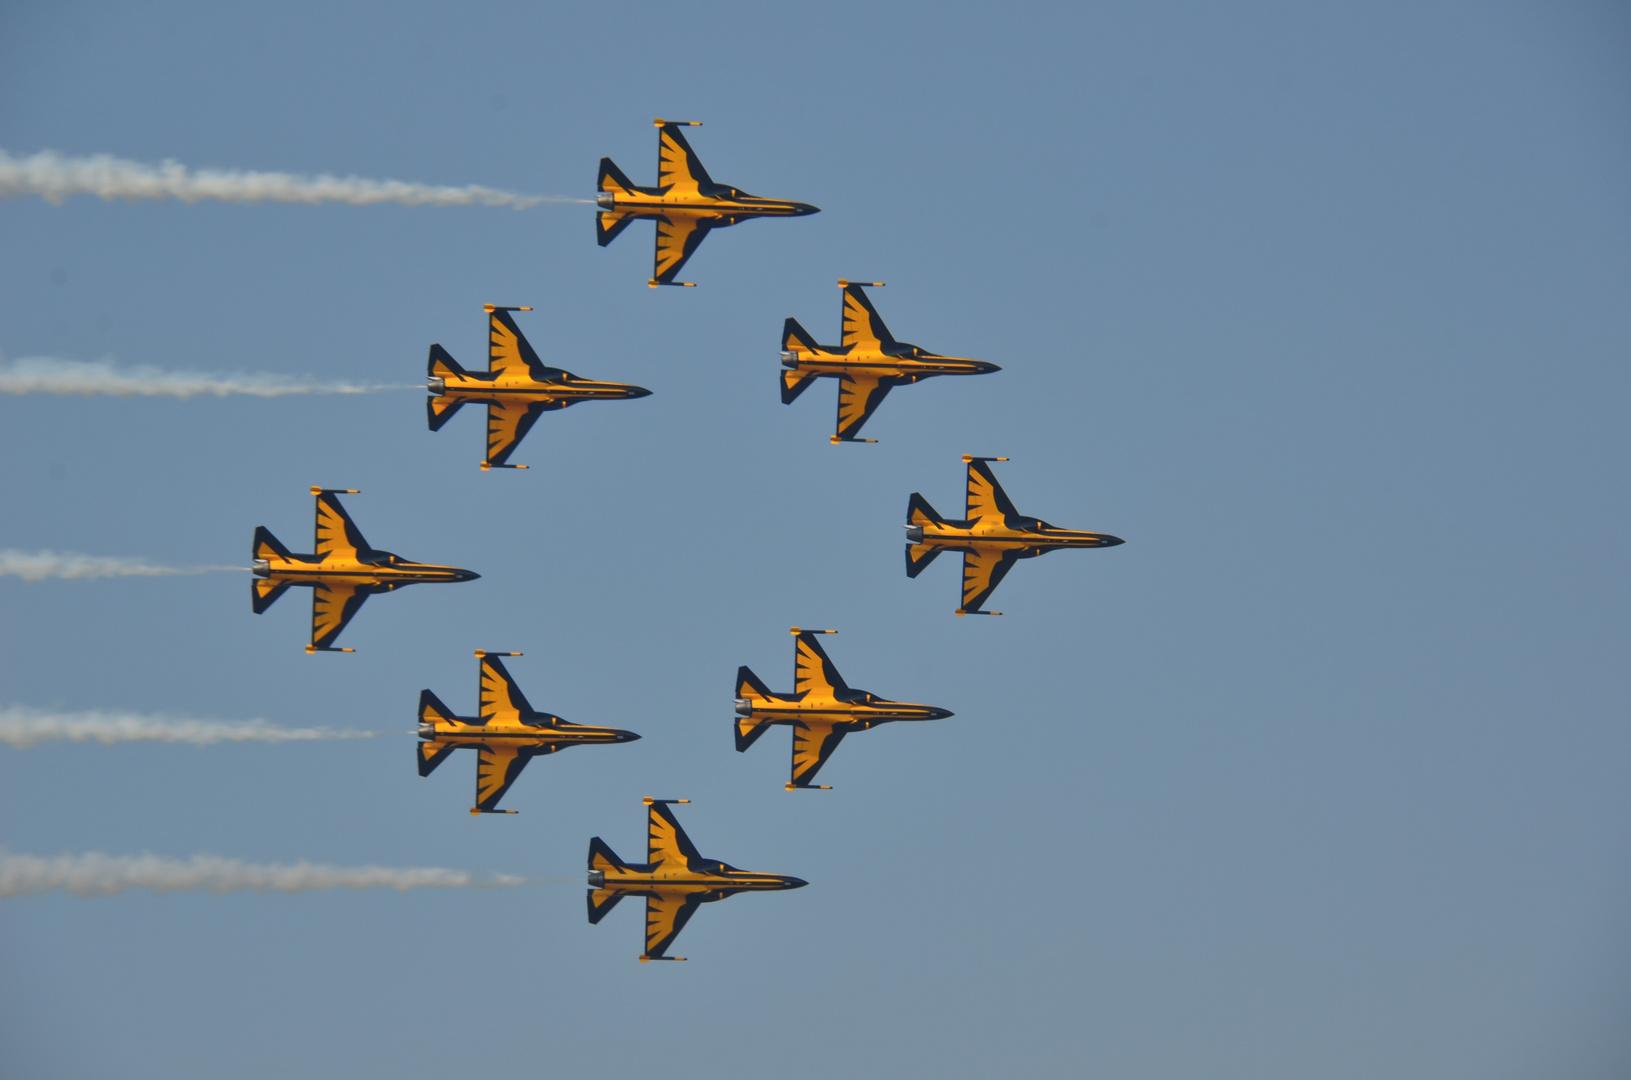 Air show Osan Air Force base Korea